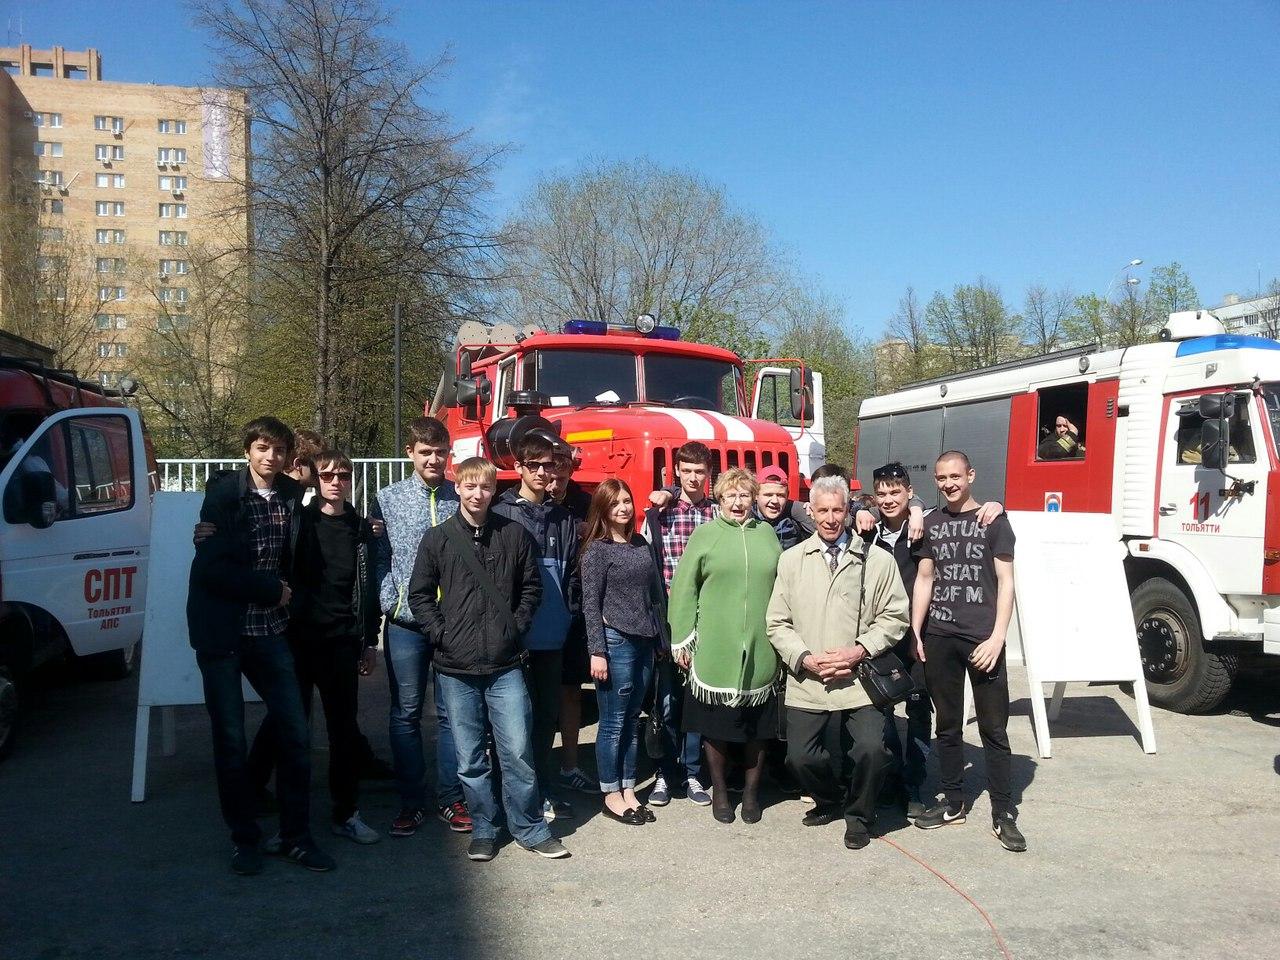 Будущие пожарные приняли участие в принятии присяги молодыми бойцами пожарной охраны